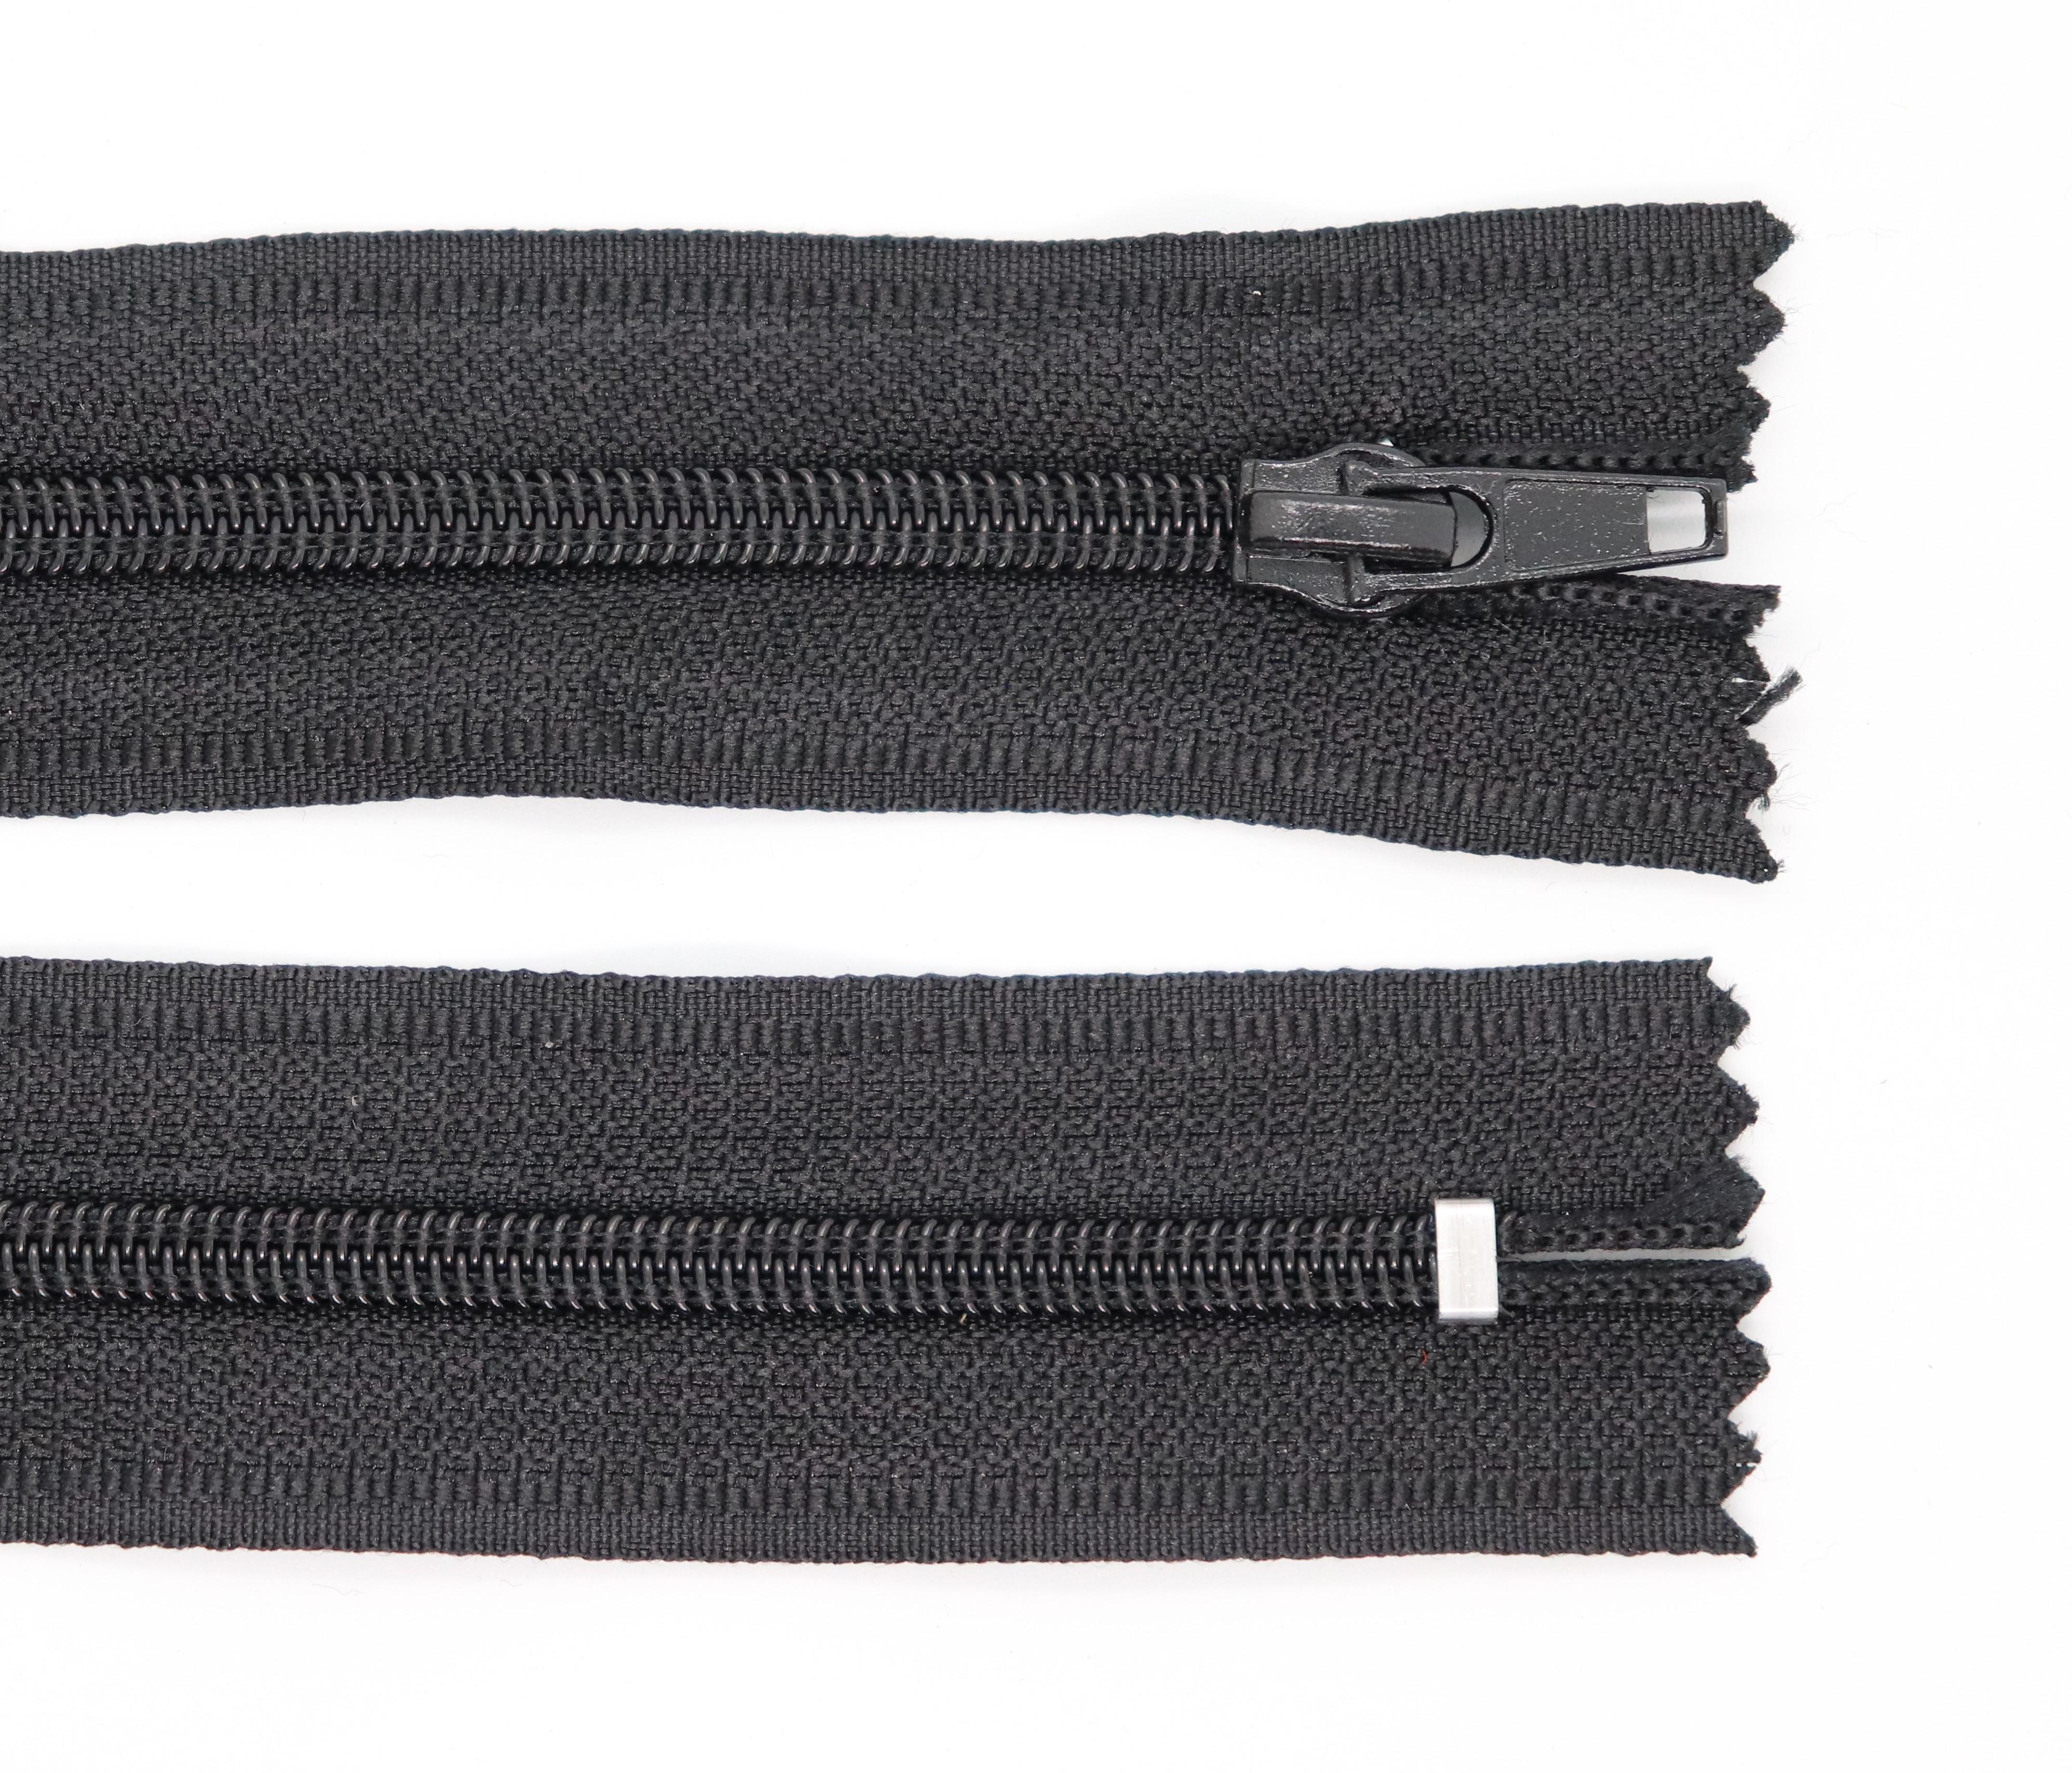 Spirálový zip šíøe 5 mm délka 14 cm nedìlitelný - zvìtšit obrázek